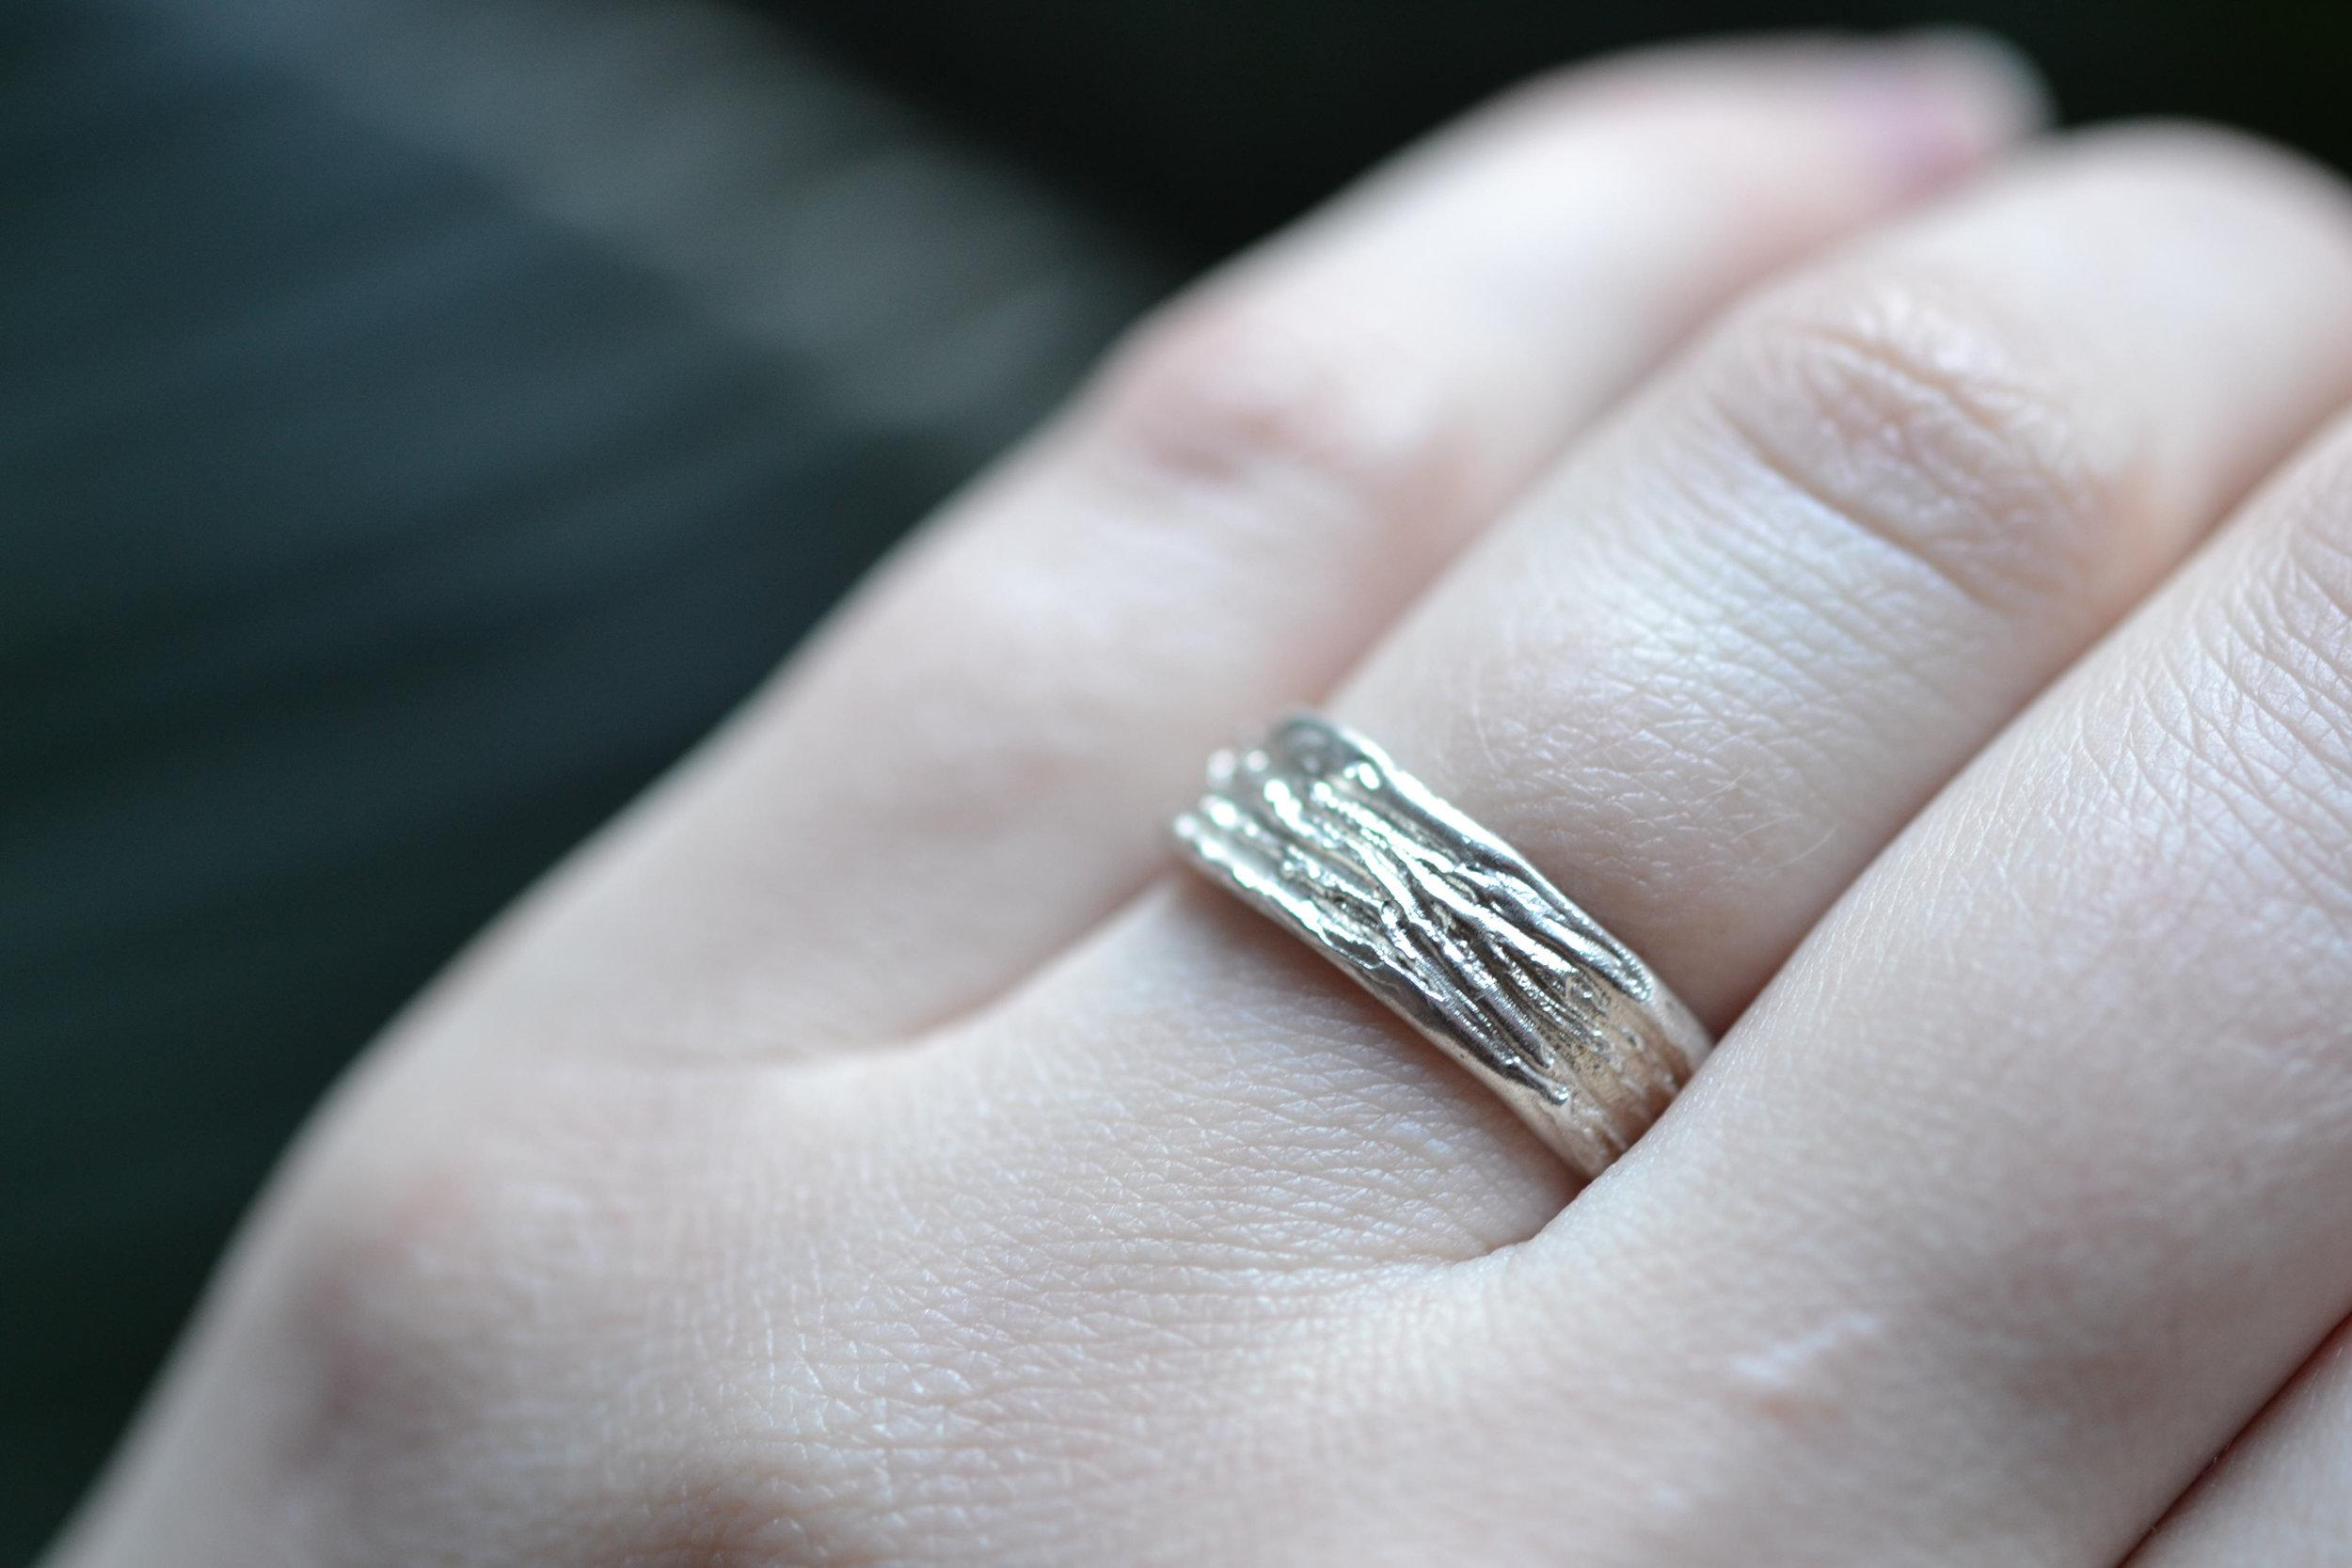 gekraste ring aan hand 1.jpg